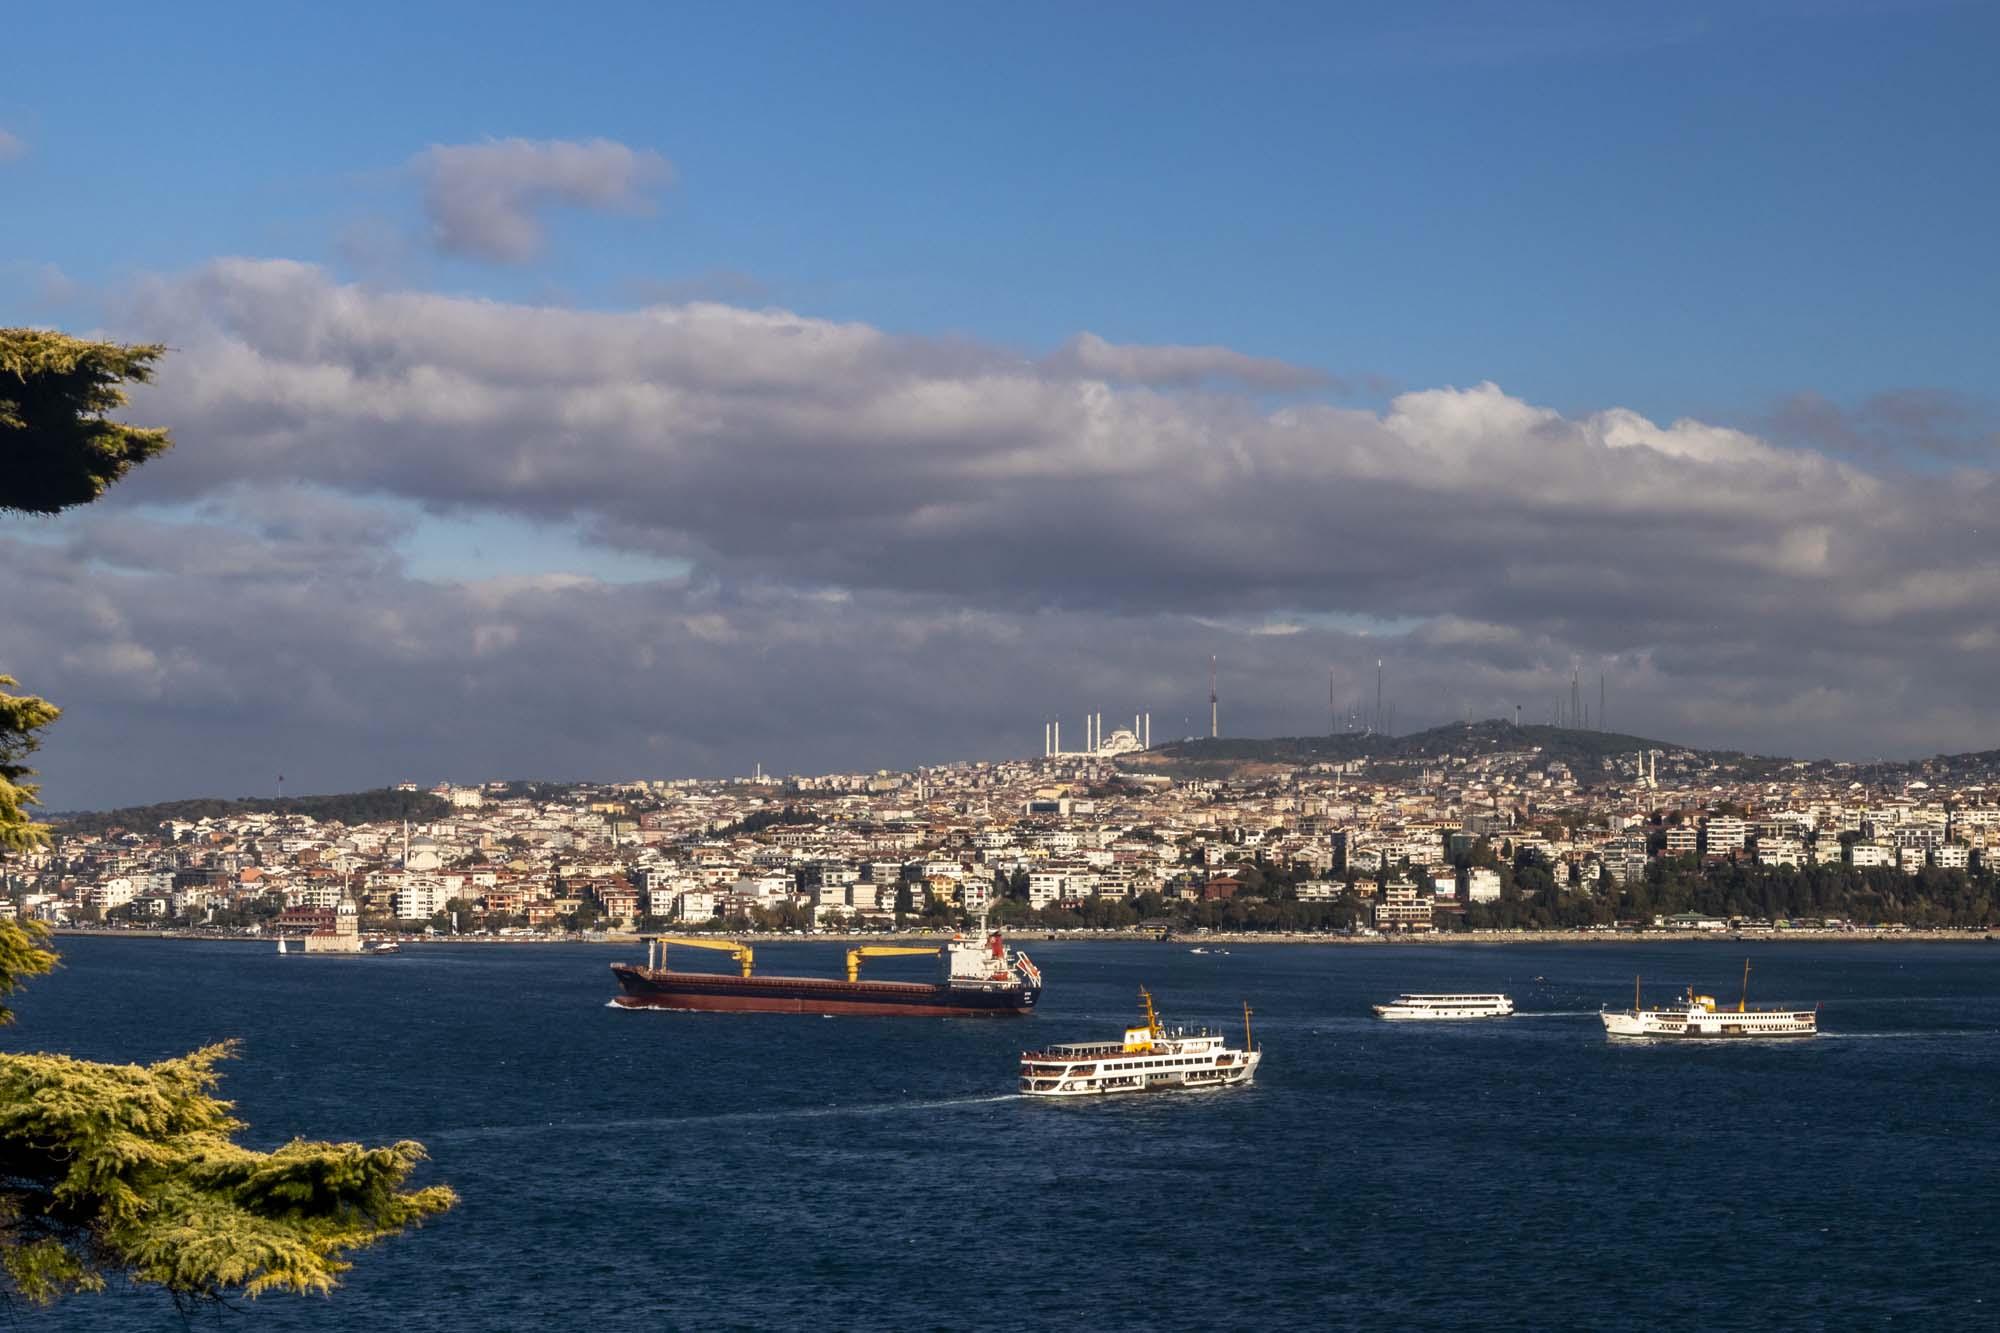 Istanbul Boğazı ou Bosphore dans la ville d'İstanbul en Turquie